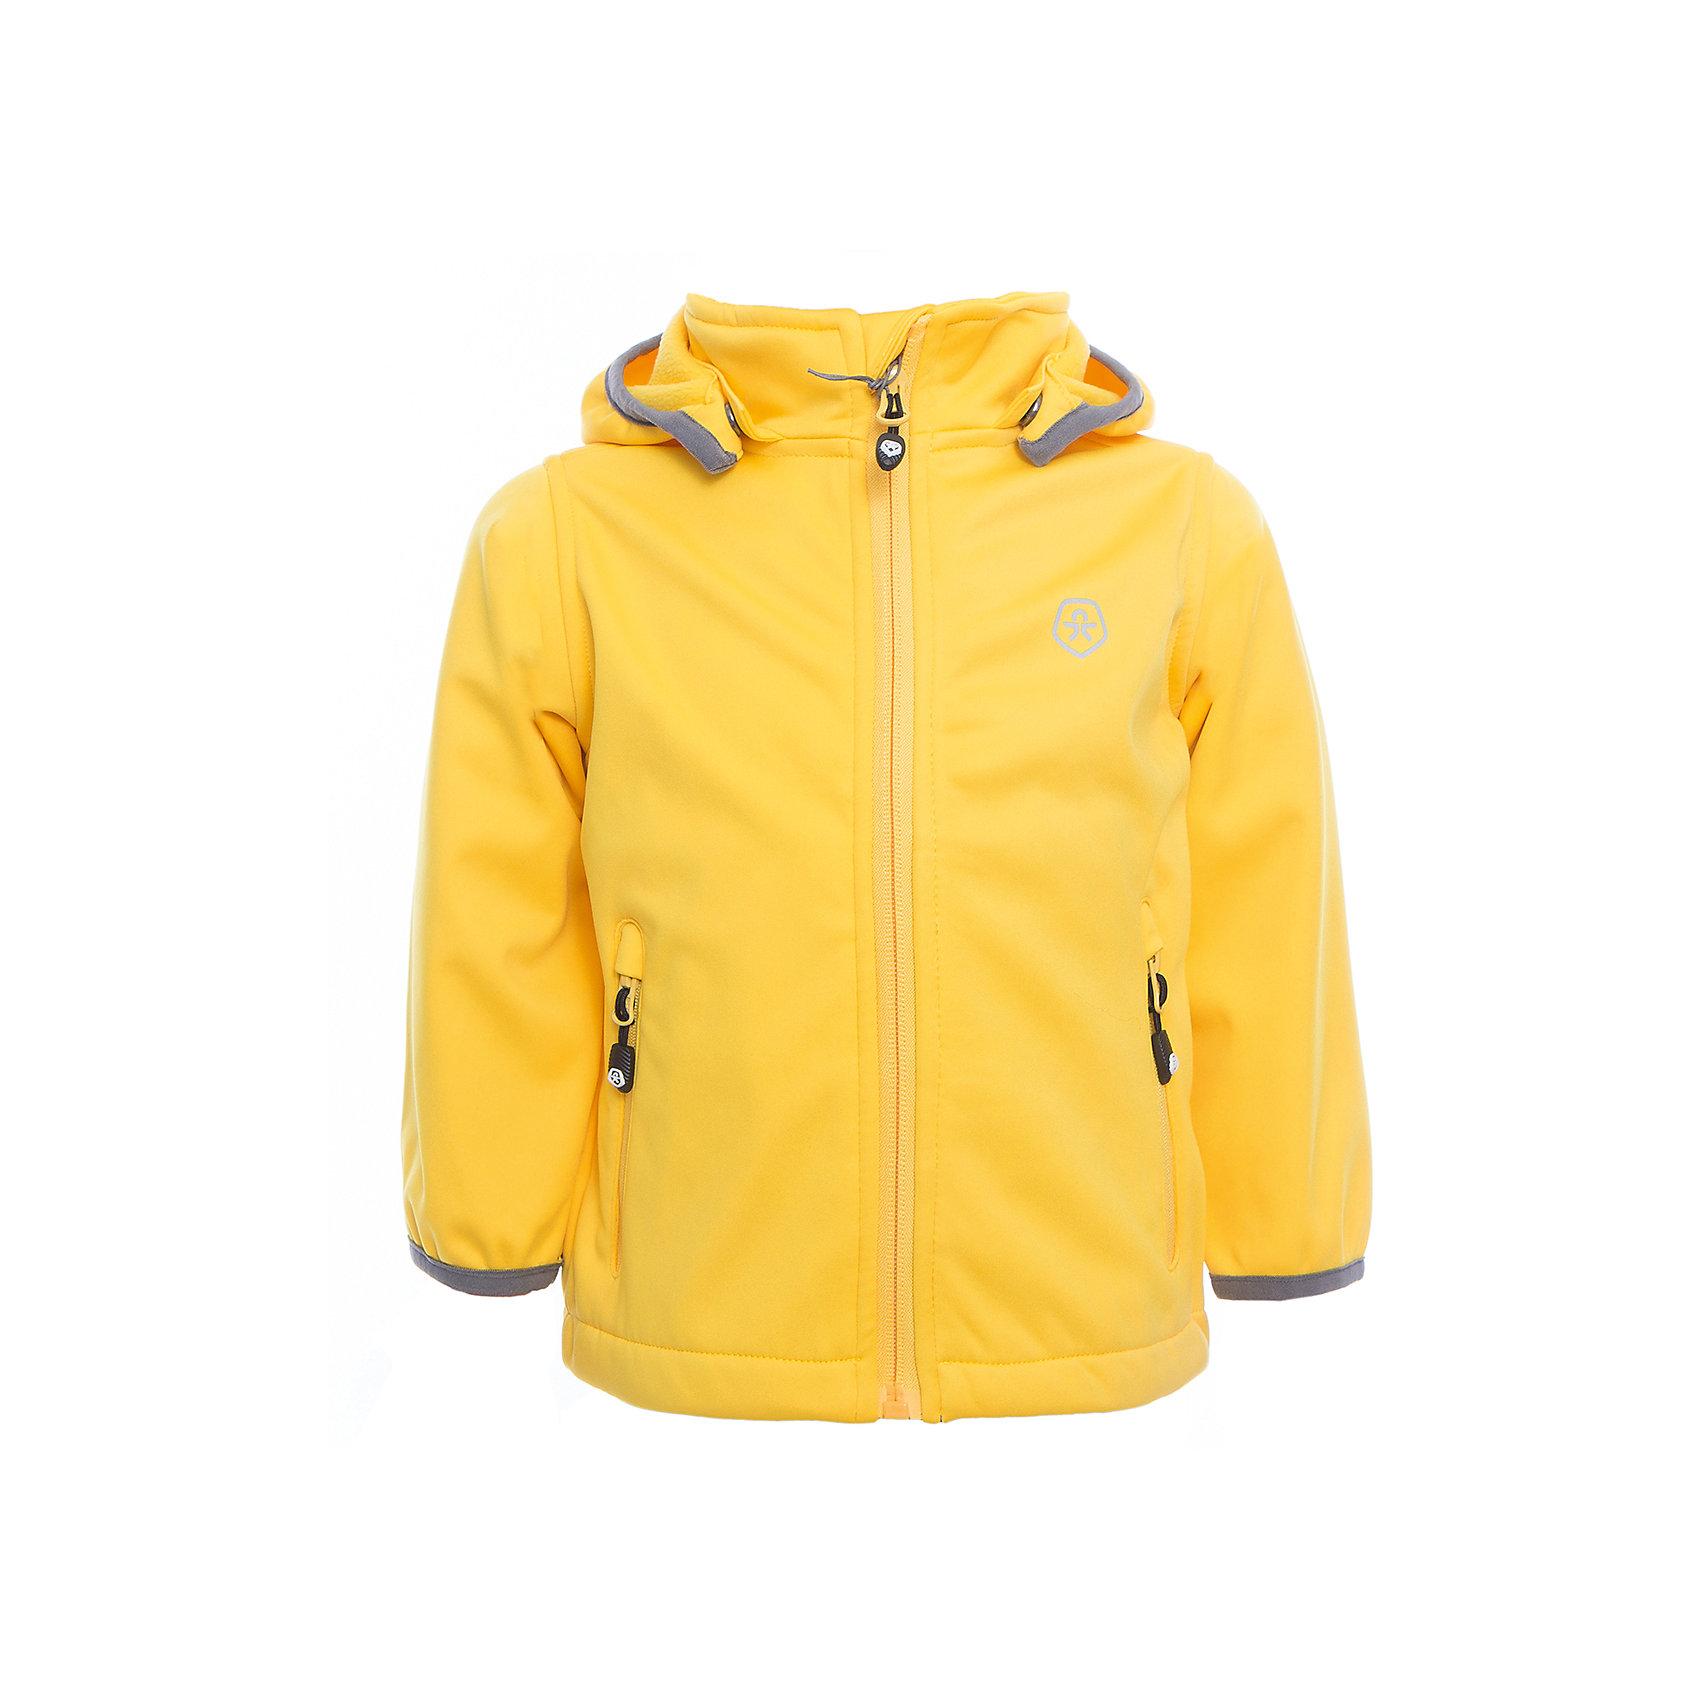 Куртка  Color KidsВерхняя одежда<br>Характеристики товара:<br><br>• цвет: жёлтый<br>• состав: 100 % полиэстер, softshell клееный с флисом<br>• без утеплителя<br>• температурный режим: от +5°до +15°С<br>• мембранная технология<br>• водонепроницаемость: 5000 мм<br>• воздухопроницаемость: 1000 г/м2/24ч<br>• ветрозащитный<br>• регулируемый низ куртки<br>• светоотражающие детали<br>• застежка: молния<br>• съёмный капюшон на кнопках<br>• защита подбородка<br>• два кармана на молнии<br>• логотип<br>• страна бренда: Дания<br><br>Эта симпатичная и удобная куртка сделана из непромокаемого легкого материала, поэтому отлично подойдет для дождливой погоды в весенне-летний сезон. Она комфортно сидит и обеспечивает ребенку необходимое удобство. Очень стильно смотрится. <br><br>Куртку для мальчика от датского бренда Color Kids (Колор кидз) можно купить в нашем интернет-магазине.<br><br>Ширина мм: 356<br>Глубина мм: 10<br>Высота мм: 245<br>Вес г: 519<br>Цвет: желтый<br>Возраст от месяцев: 24<br>Возраст до месяцев: 36<br>Пол: Унисекс<br>Возраст: Детский<br>Размер: 98,104,110,116,122,128,140,152,92<br>SKU: 5443240